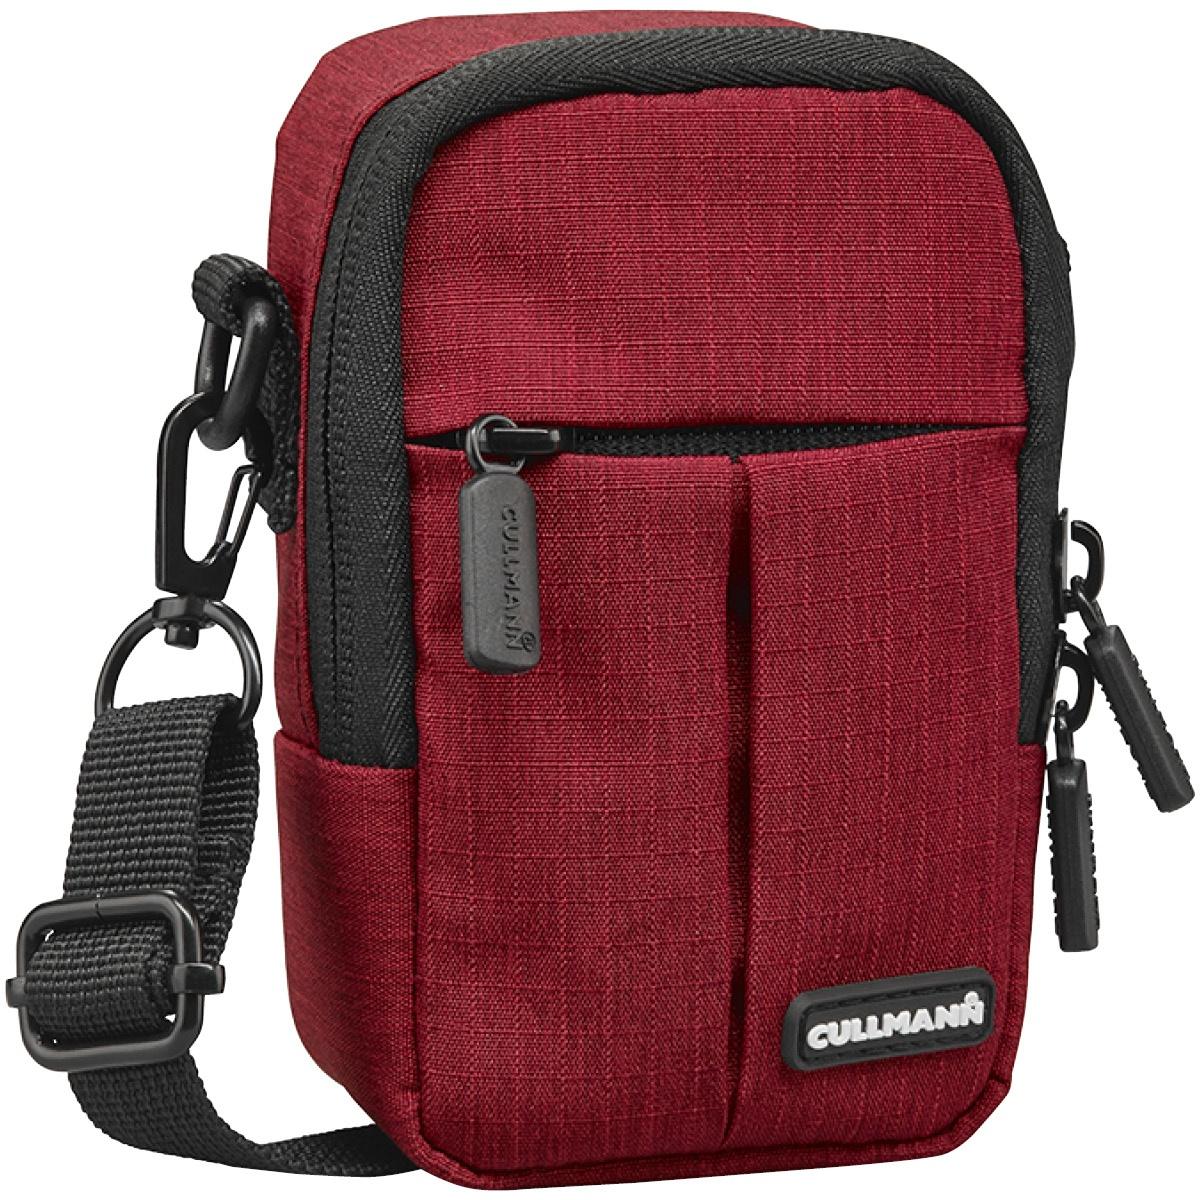 Cullmann Malaga Compact 400 Rot